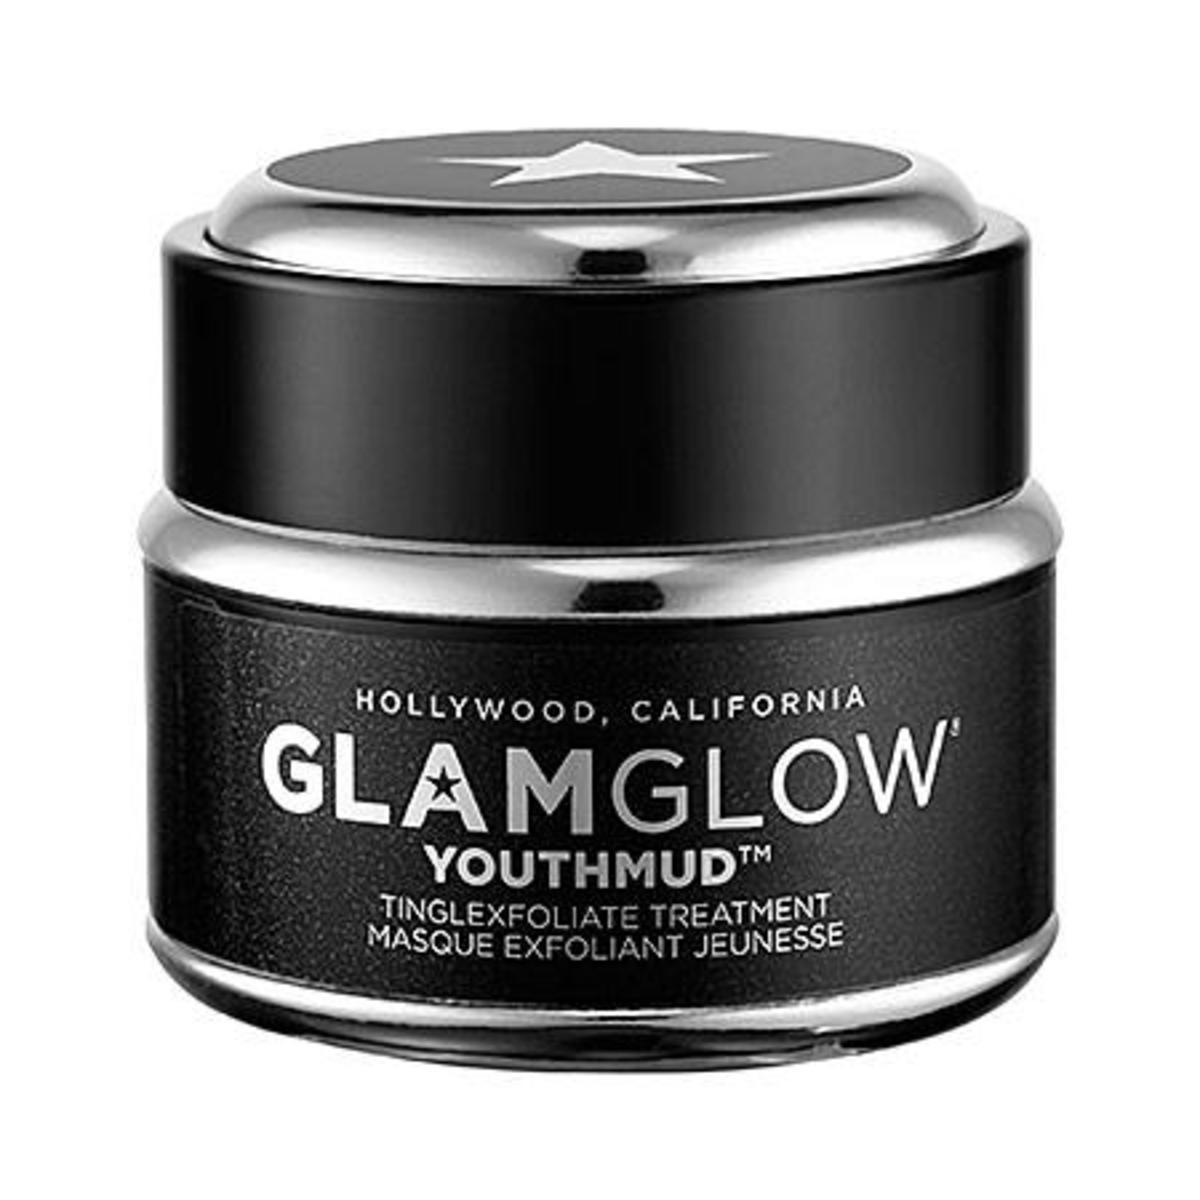 GlamGlow Youth-Mud Tinglexfoliate Treatment